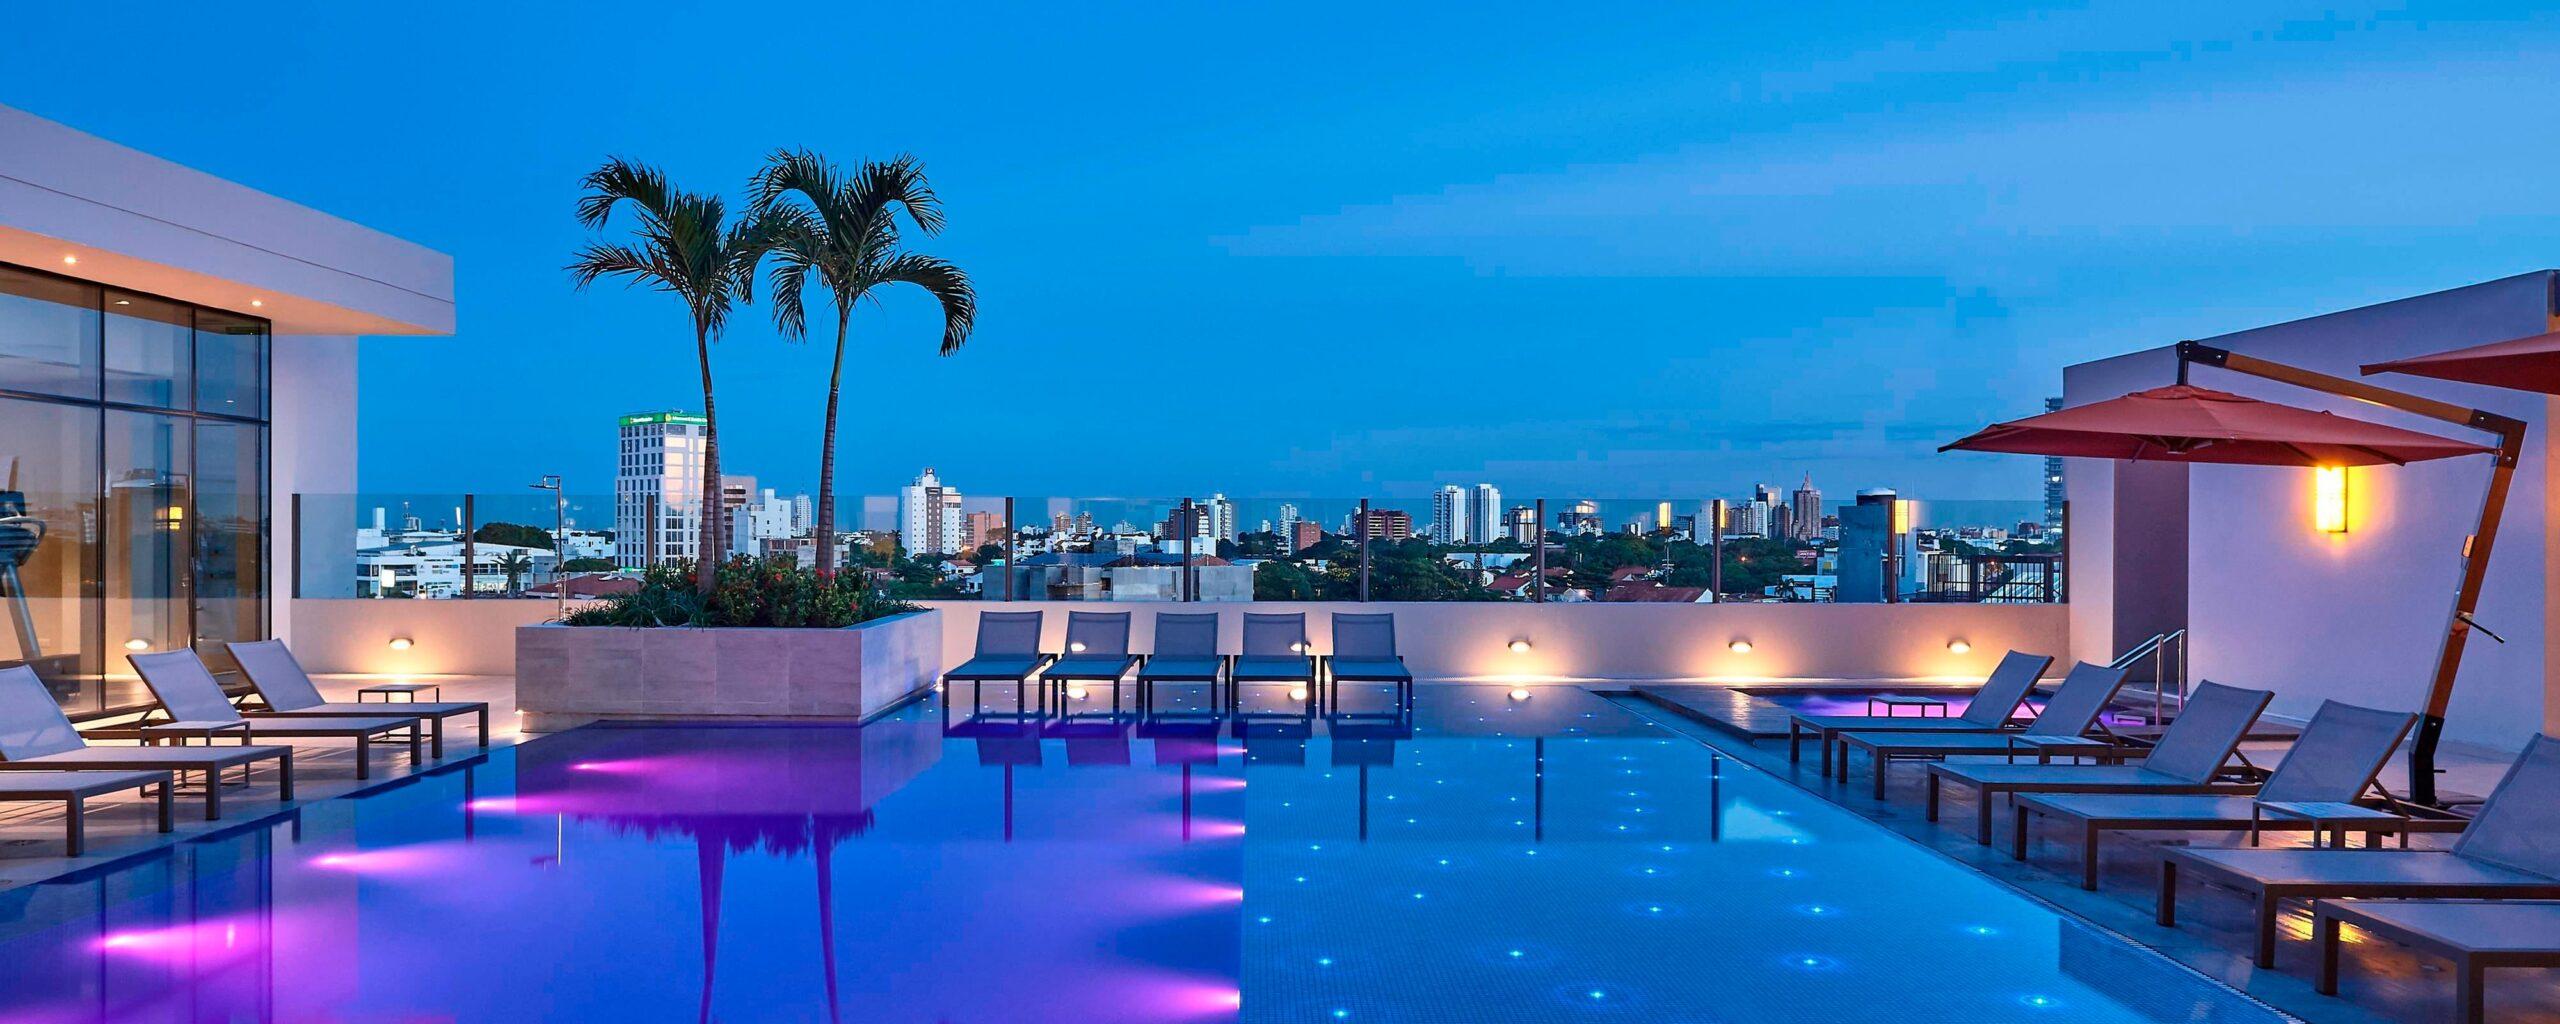 Refacción de Piscina Marriott Hotel